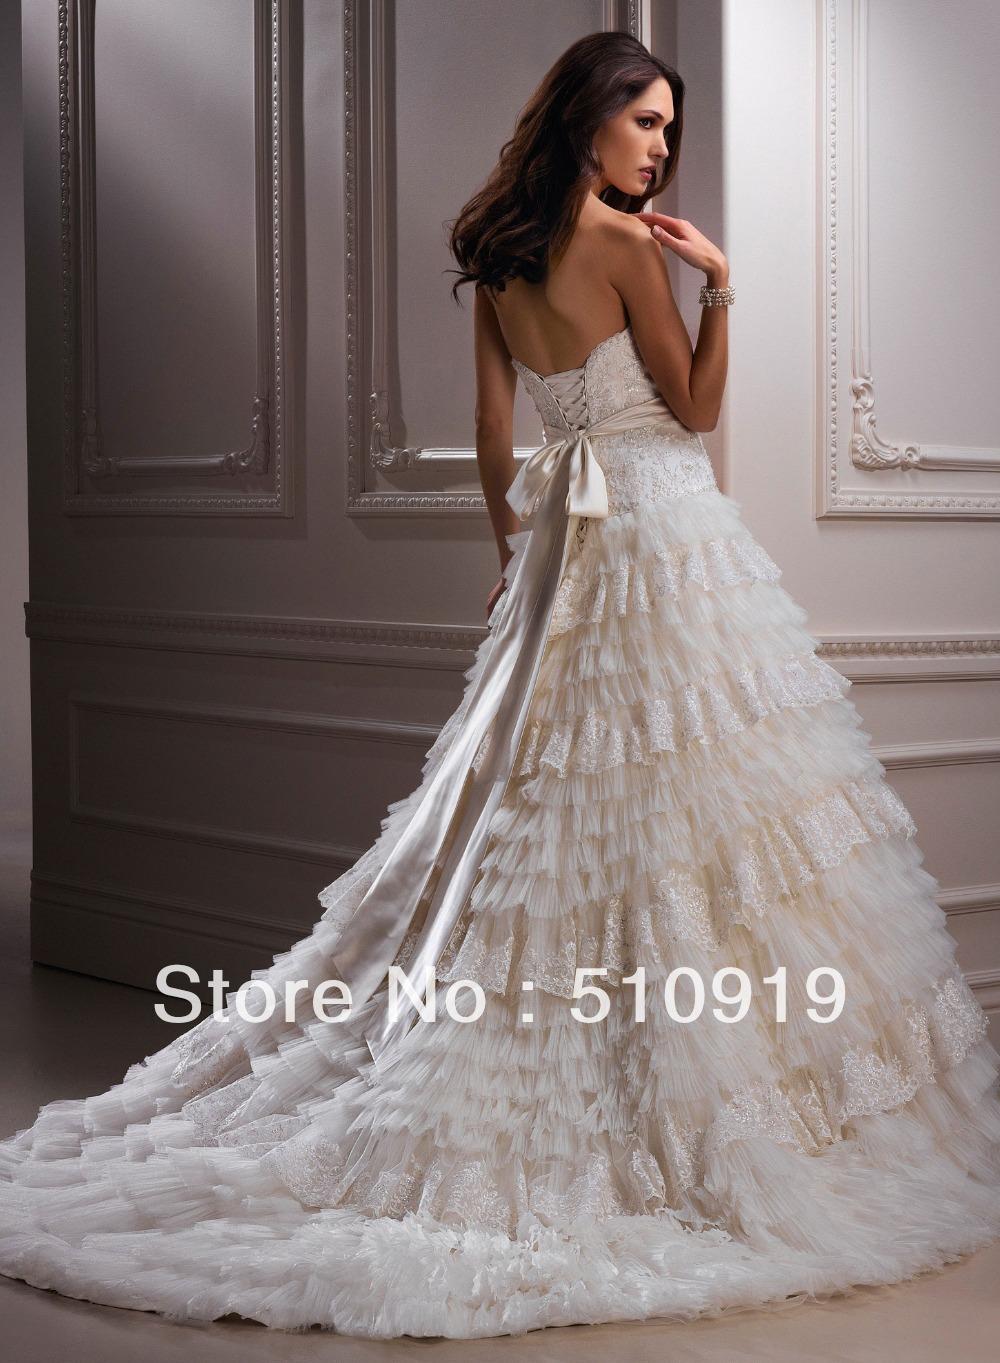 Vestidos de novia ca de salida